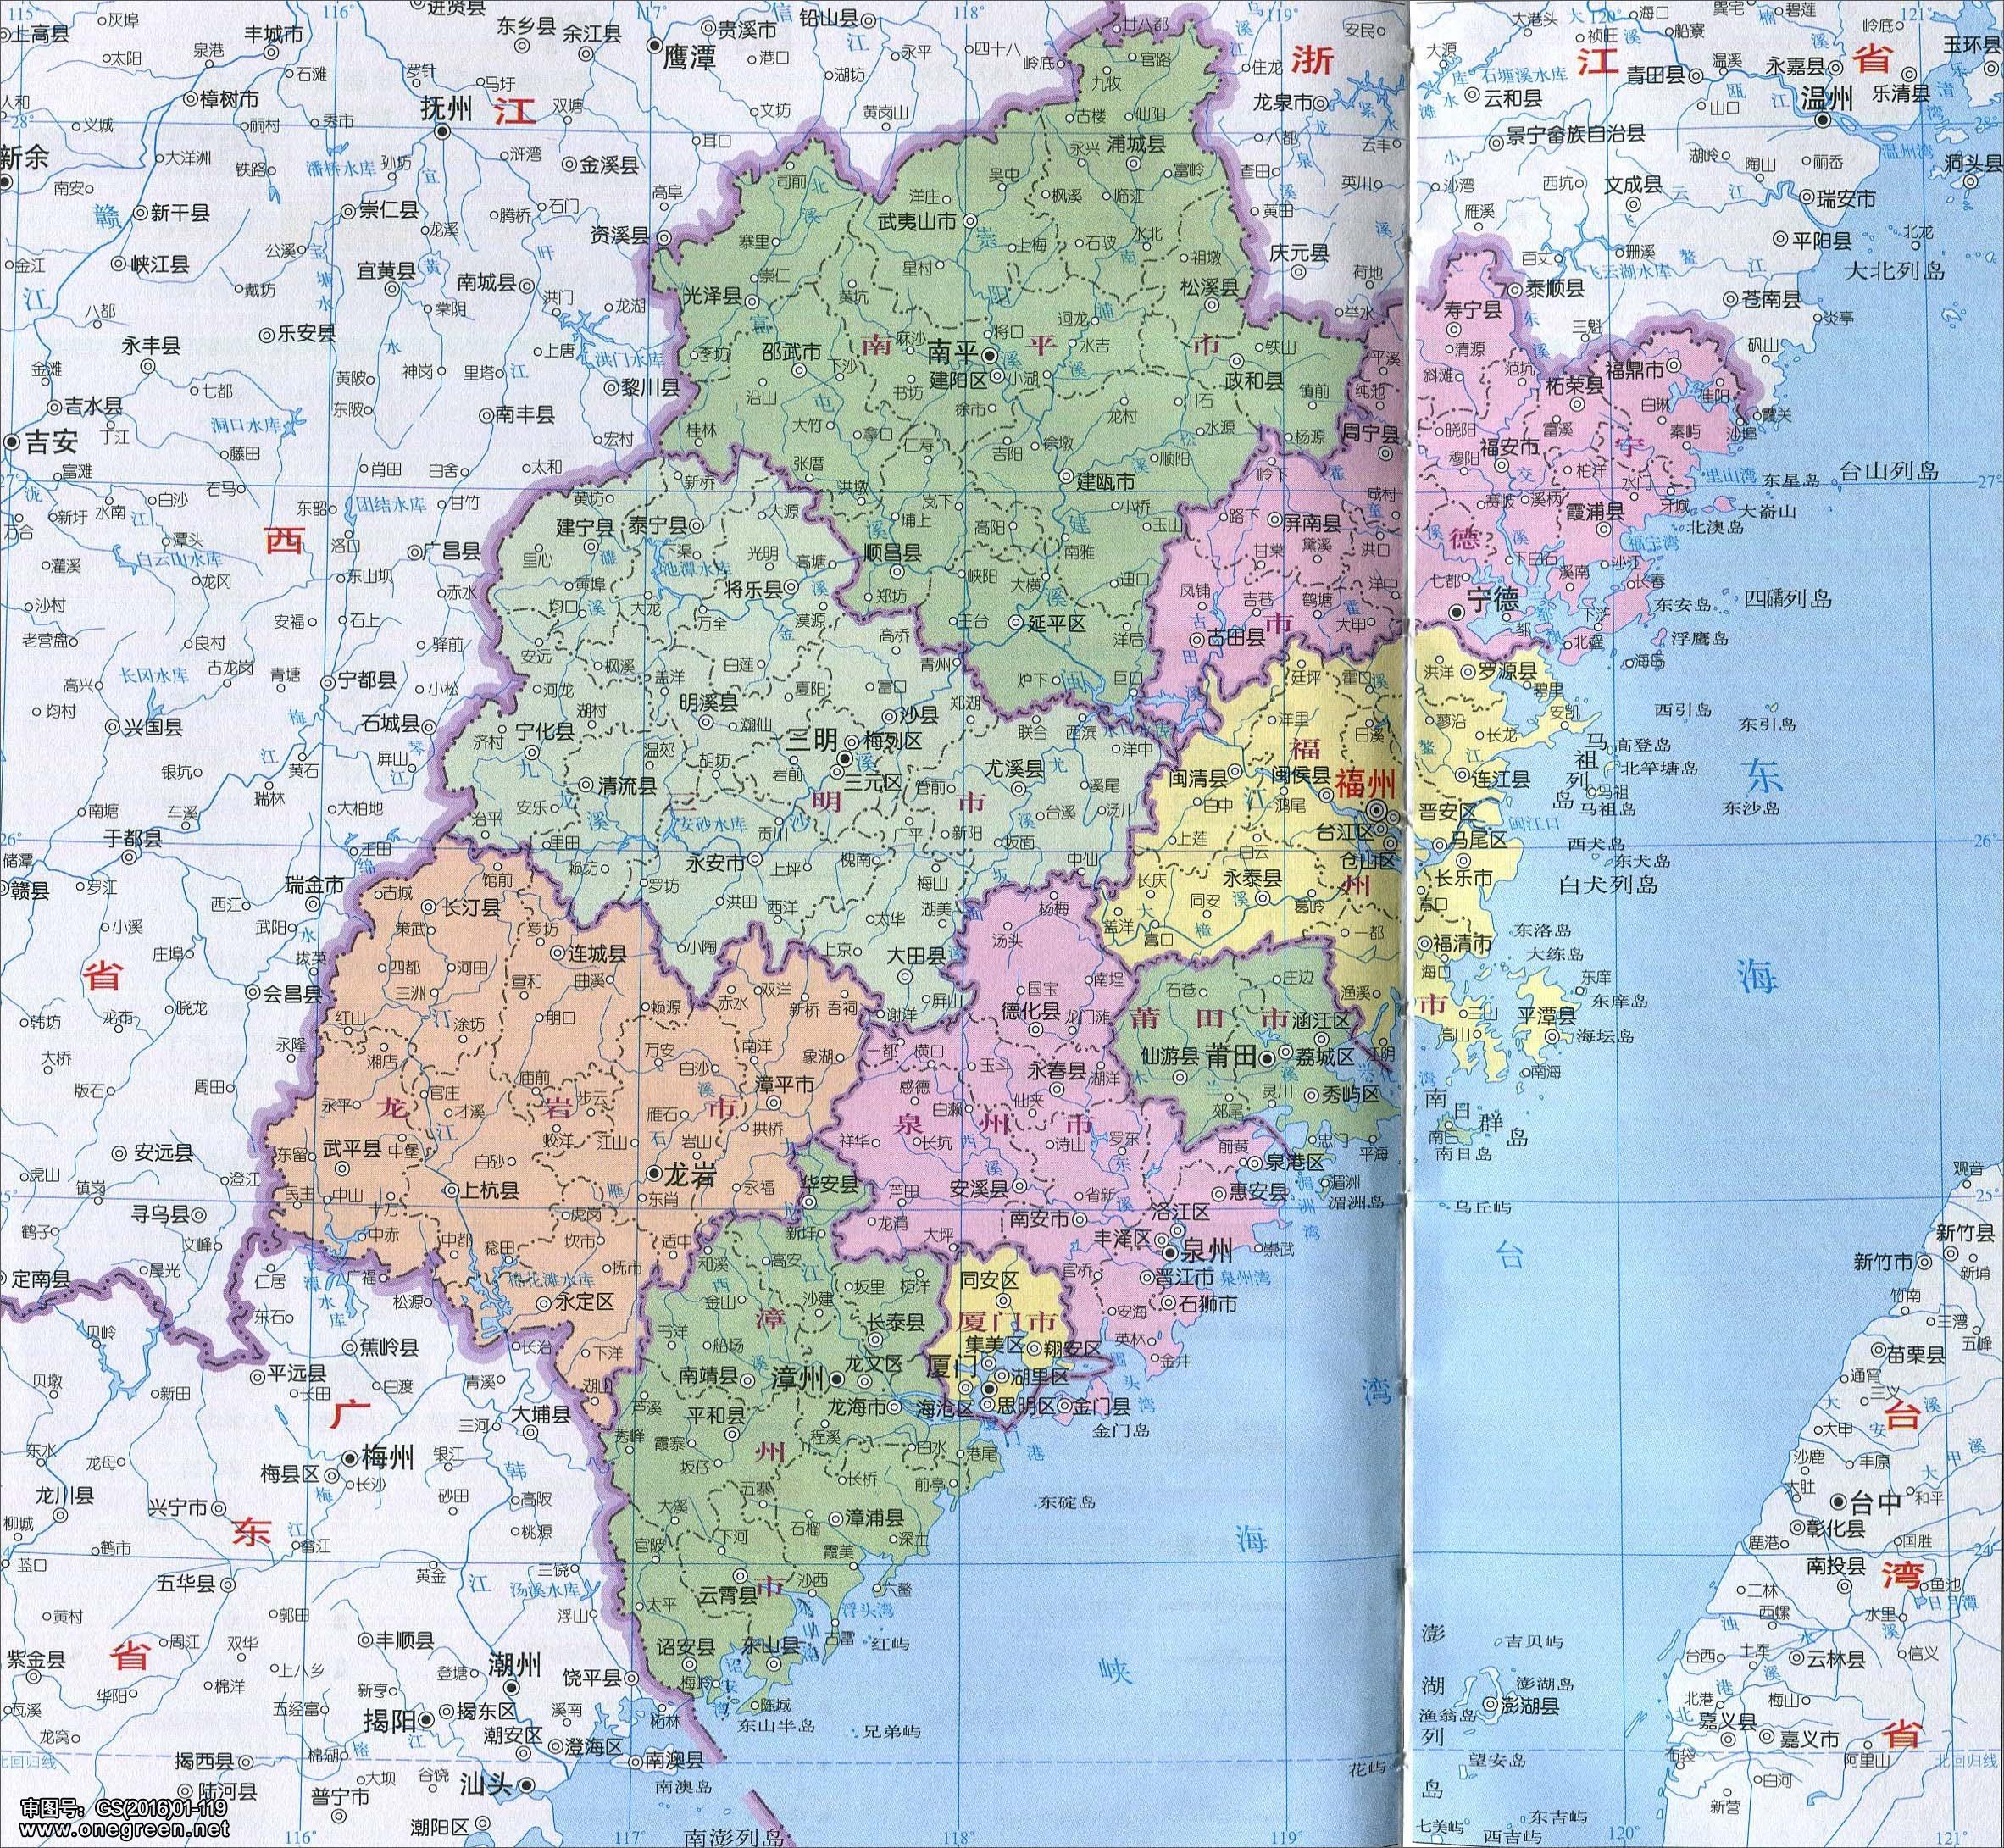 福建省地图高清版